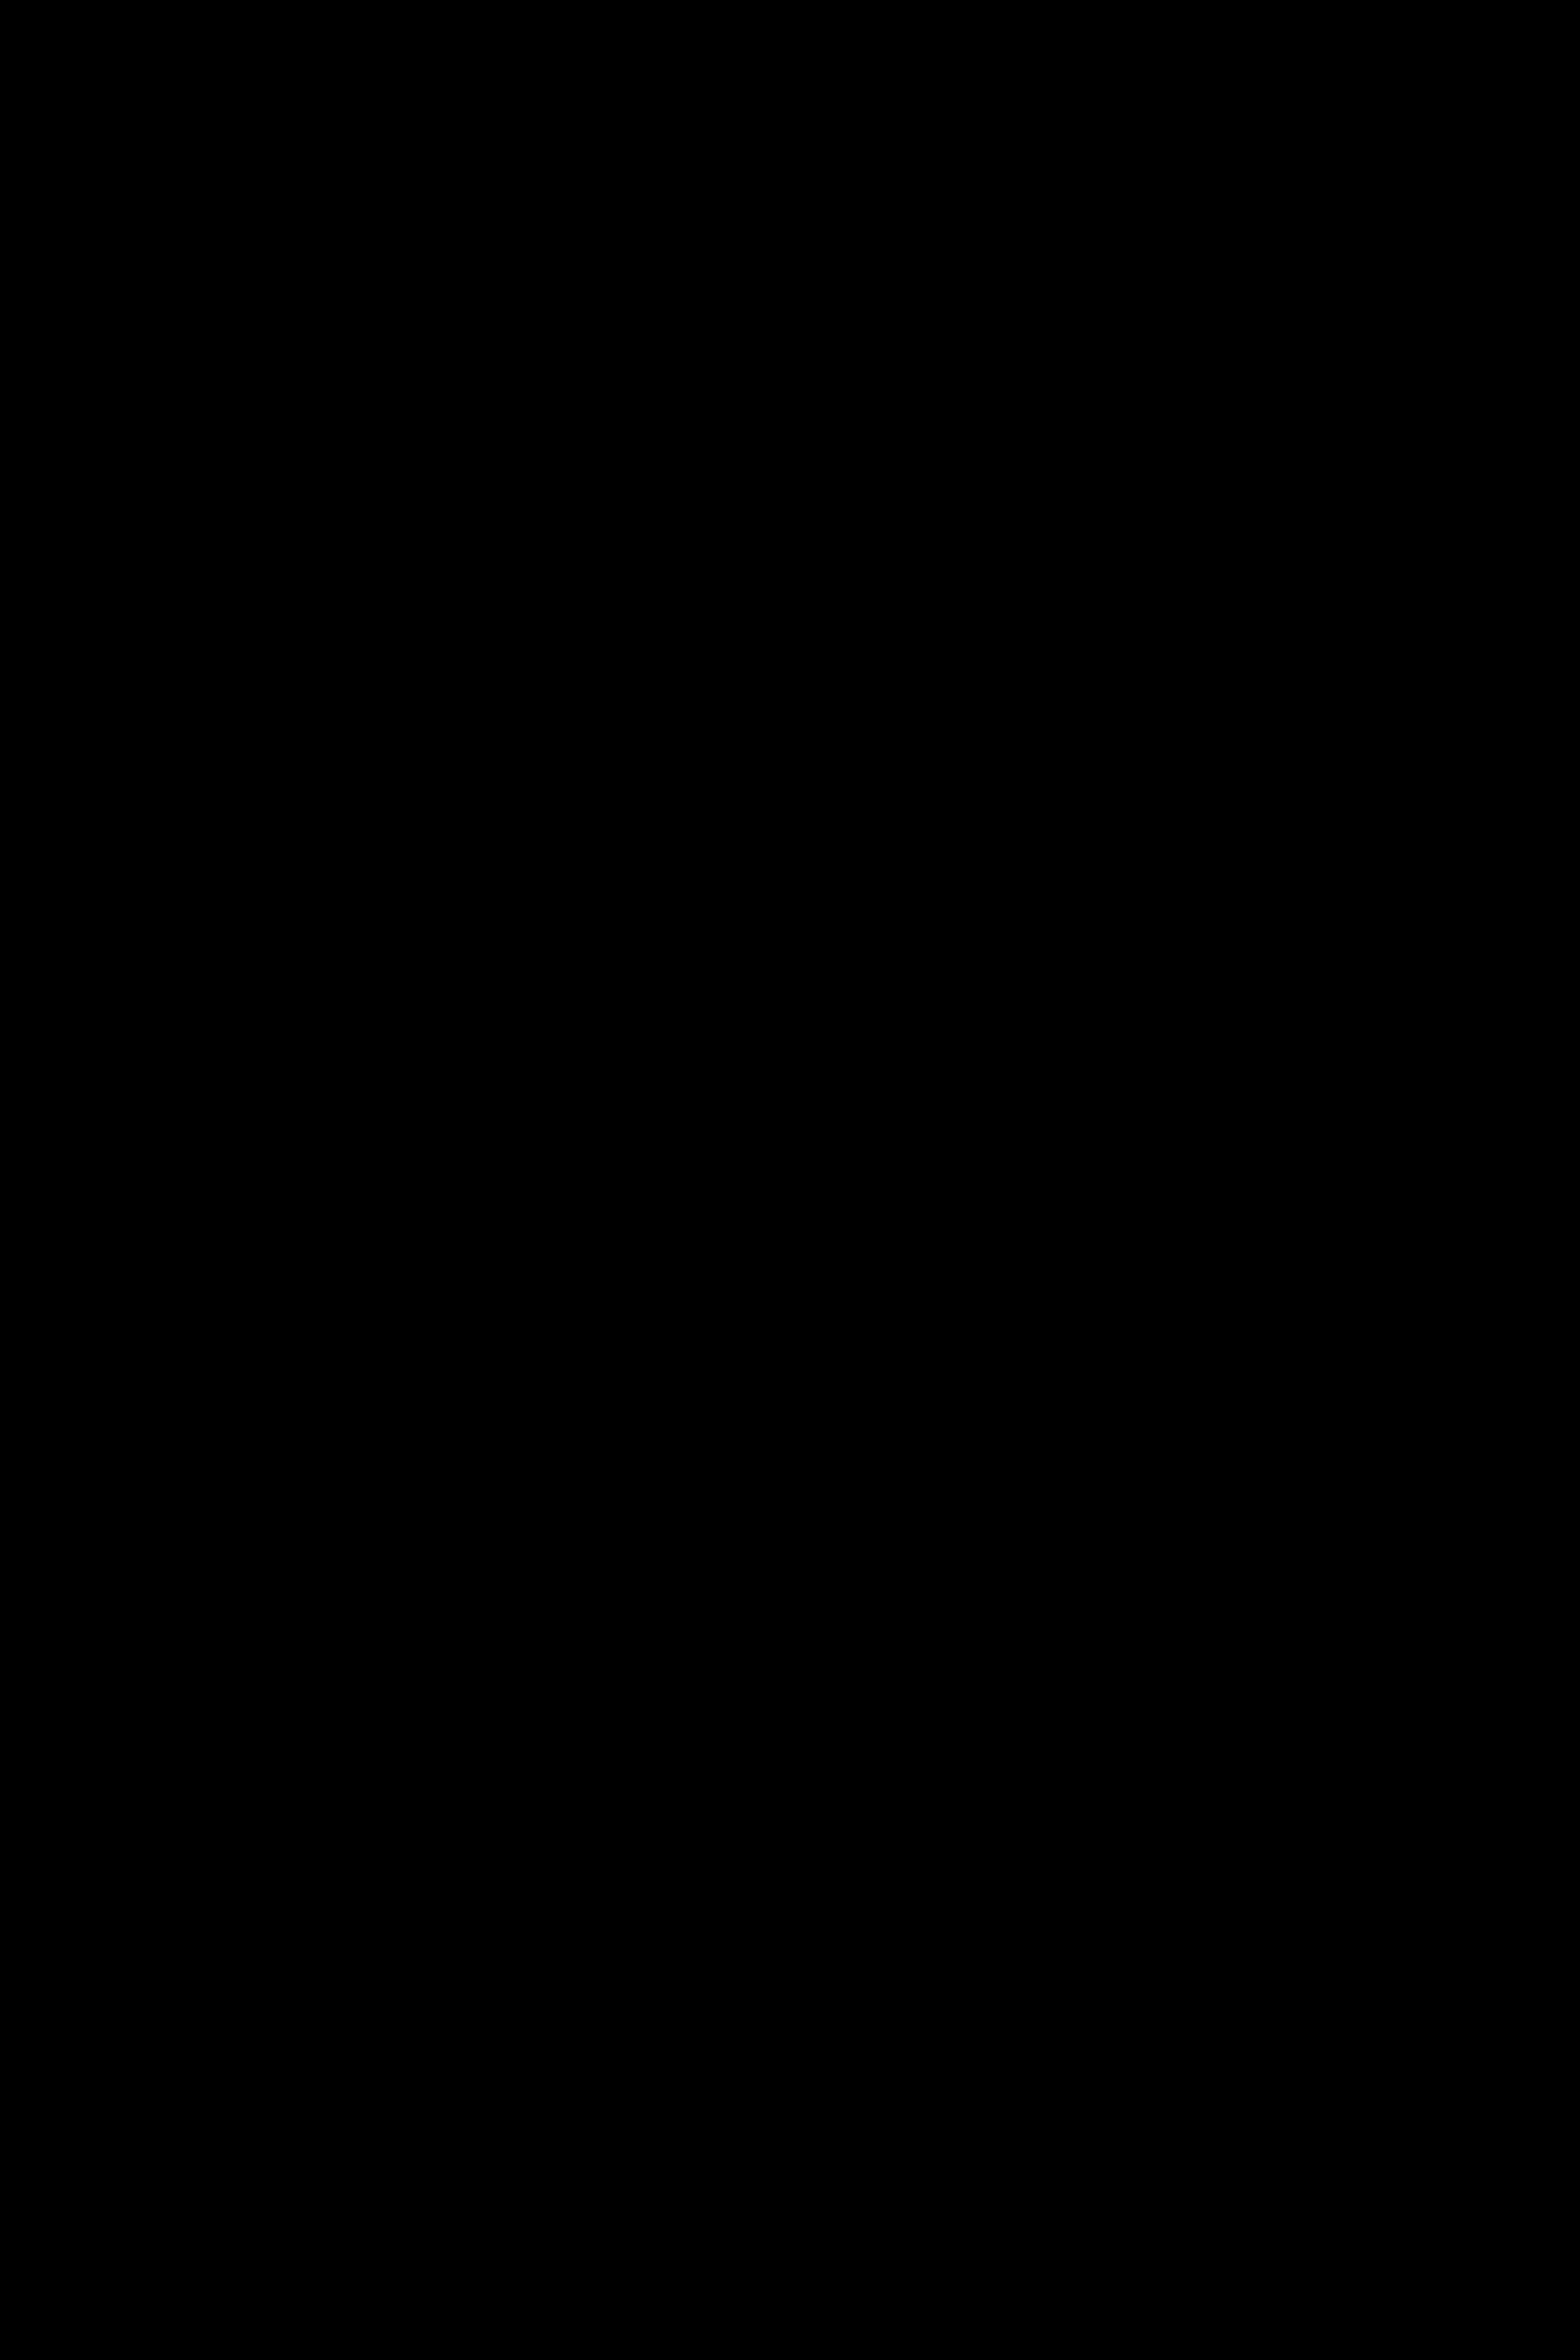 Industrial Loft Essen Mit Stil Esszimmer Mobel Mobel Stuhl Landhaus